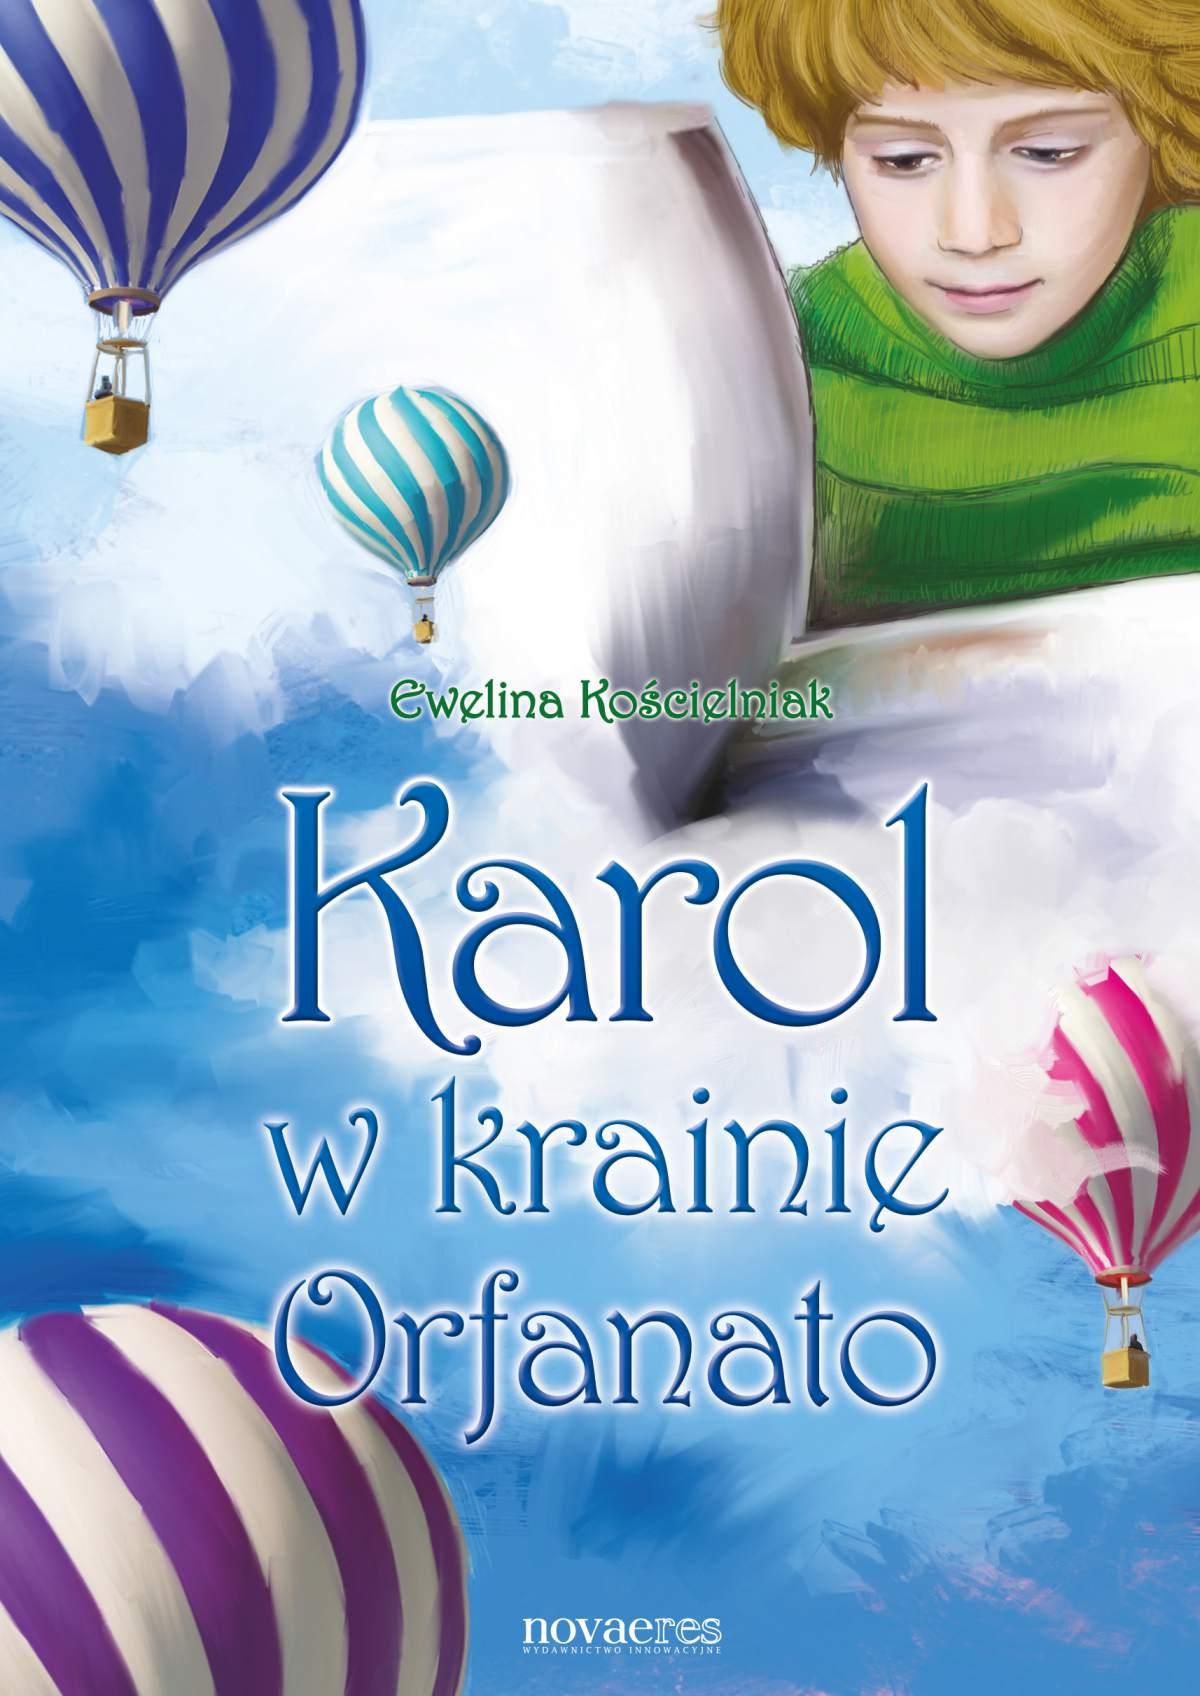 Karol w krainie Orfanato - Ebook (Książka EPUB) do pobrania w formacie EPUB